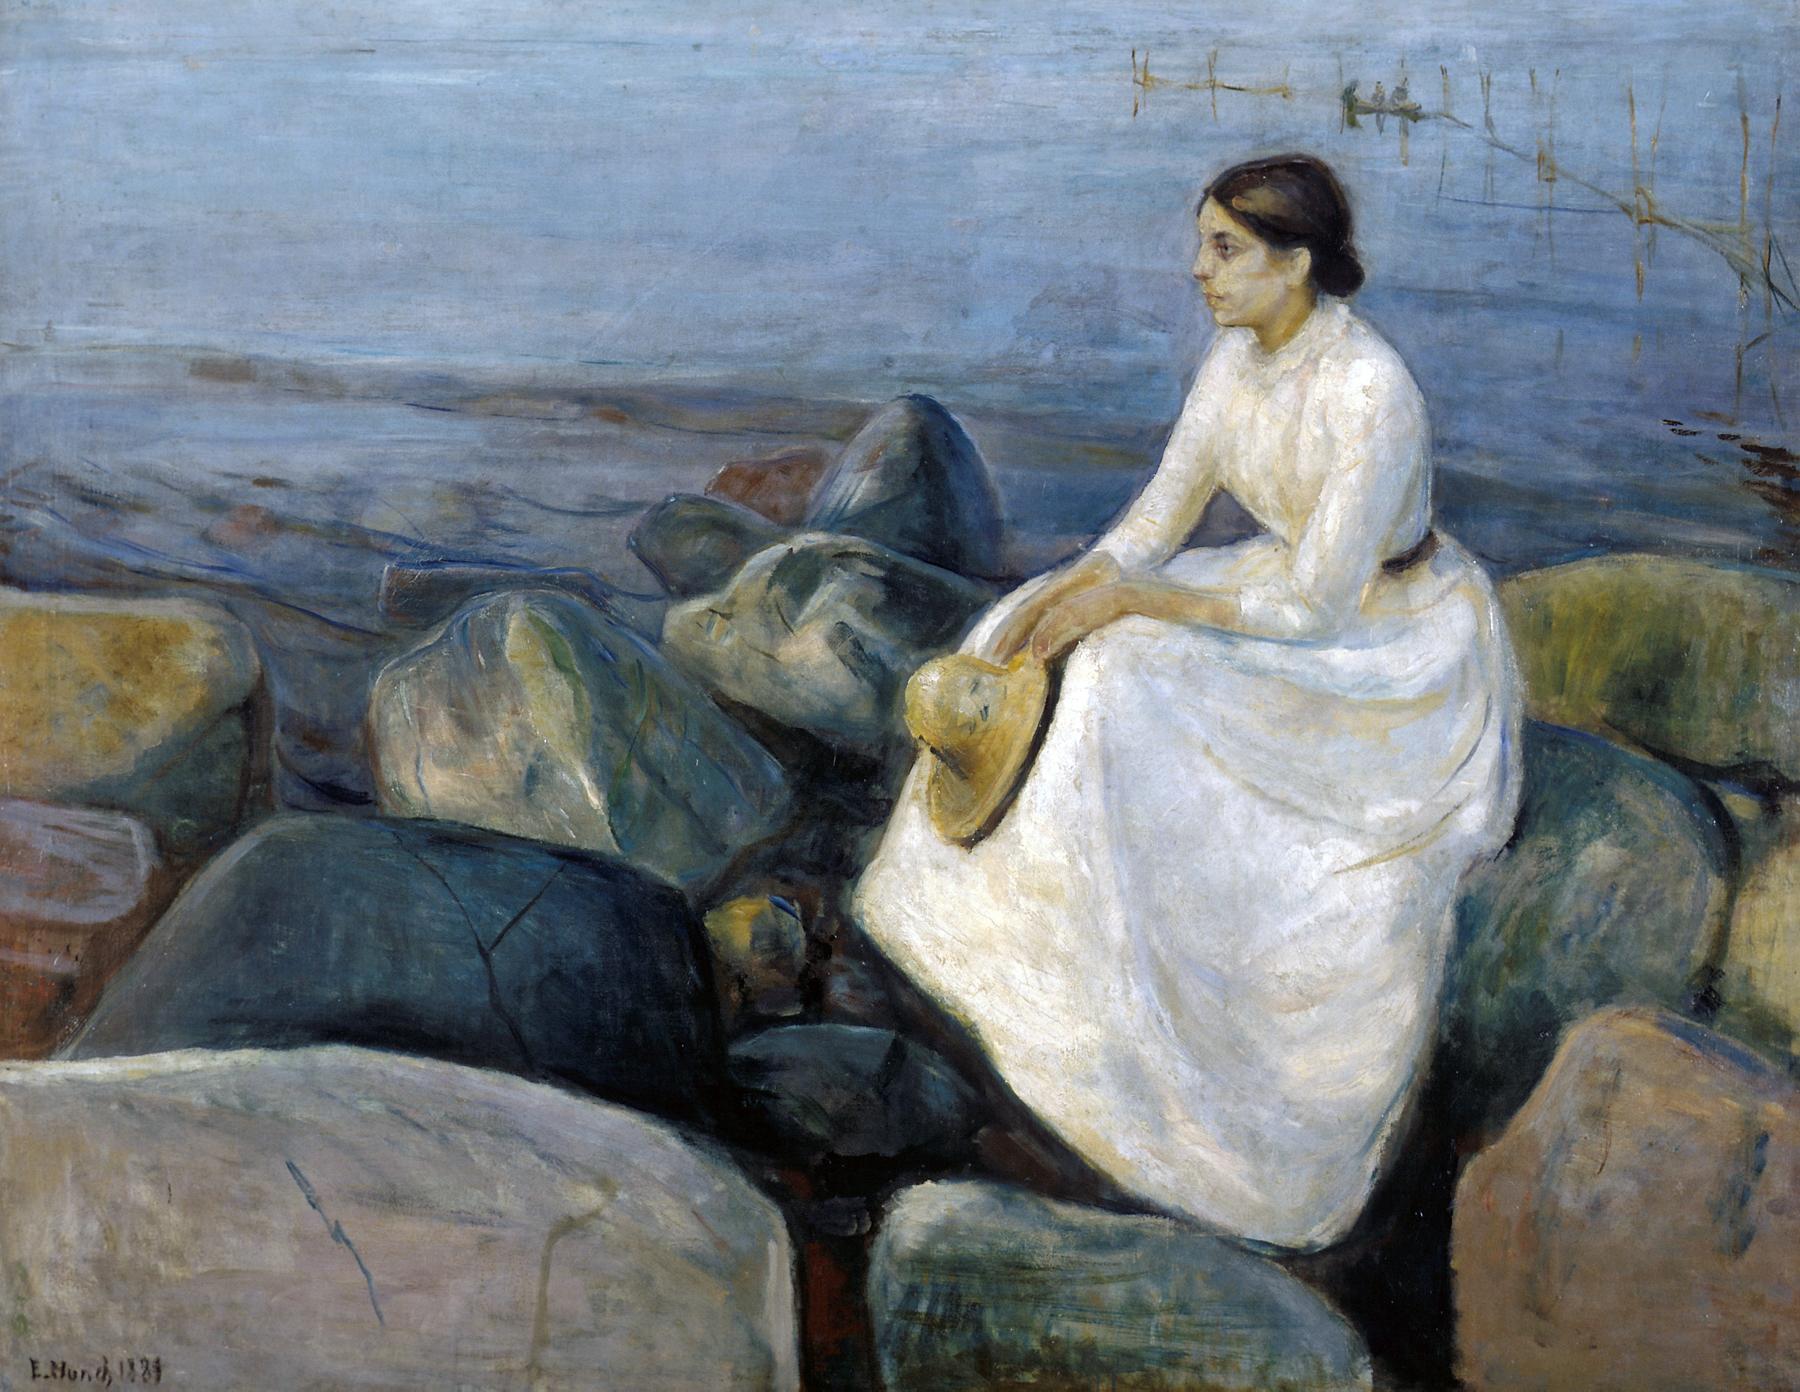 Edvard Munch - Inger sulla spiaggia - 1889, olio su tela, Museo d'arte, Bergen